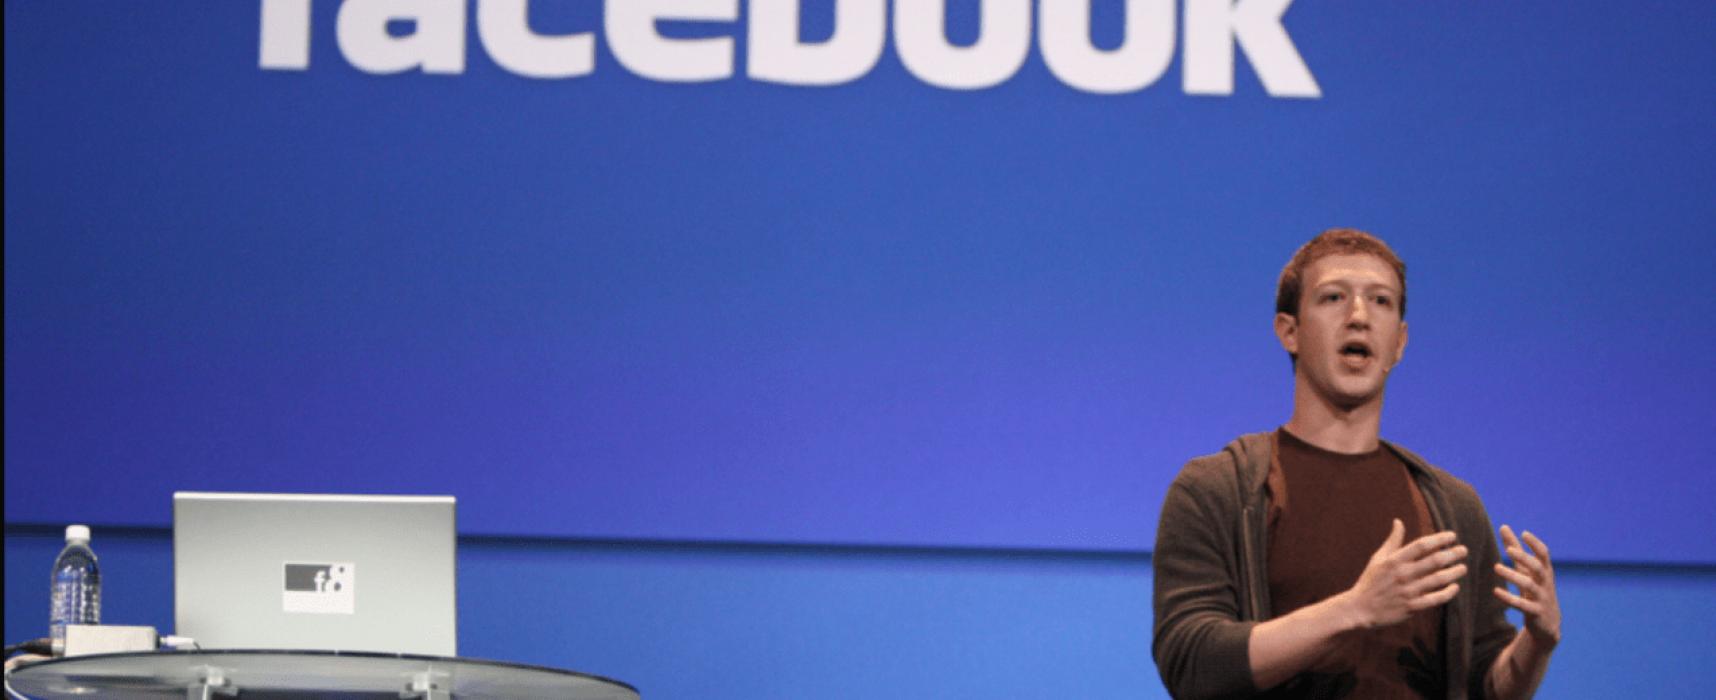 O ruském zasahování do voleb, o úniku dat i o GDPR. O tom všem mluvil Mark Zuckerberg před americkým parlamentem